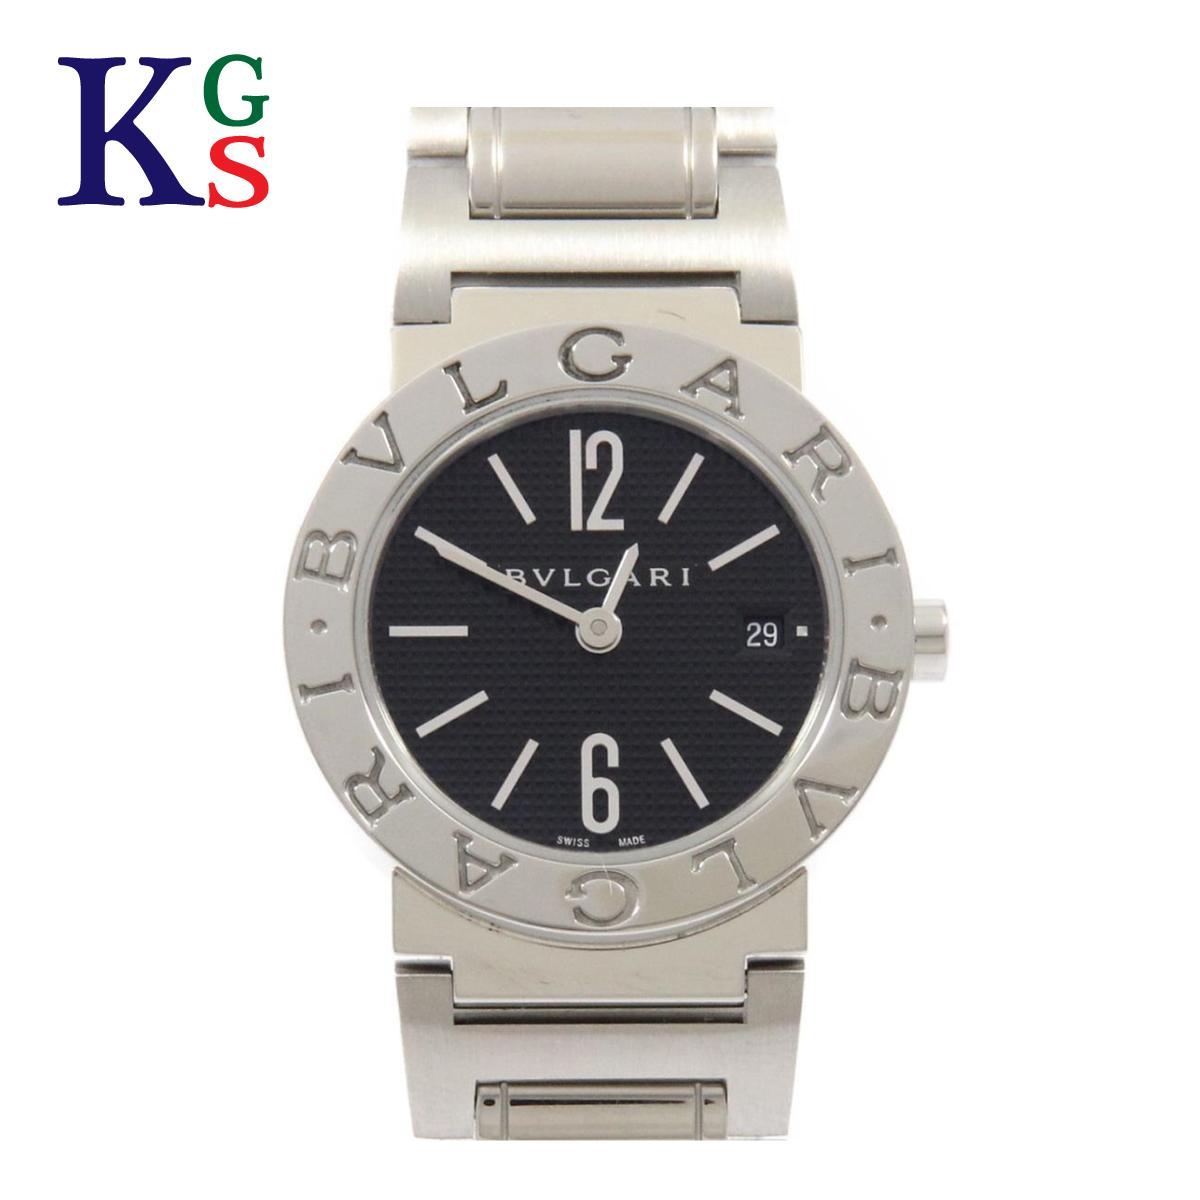 【ギフト品質】ブルガリ/BVLGARI レディース 腕時計 BVLGARI×BVLGARI BBL26S SS ステンレススチール 黒文字盤 クオーツ